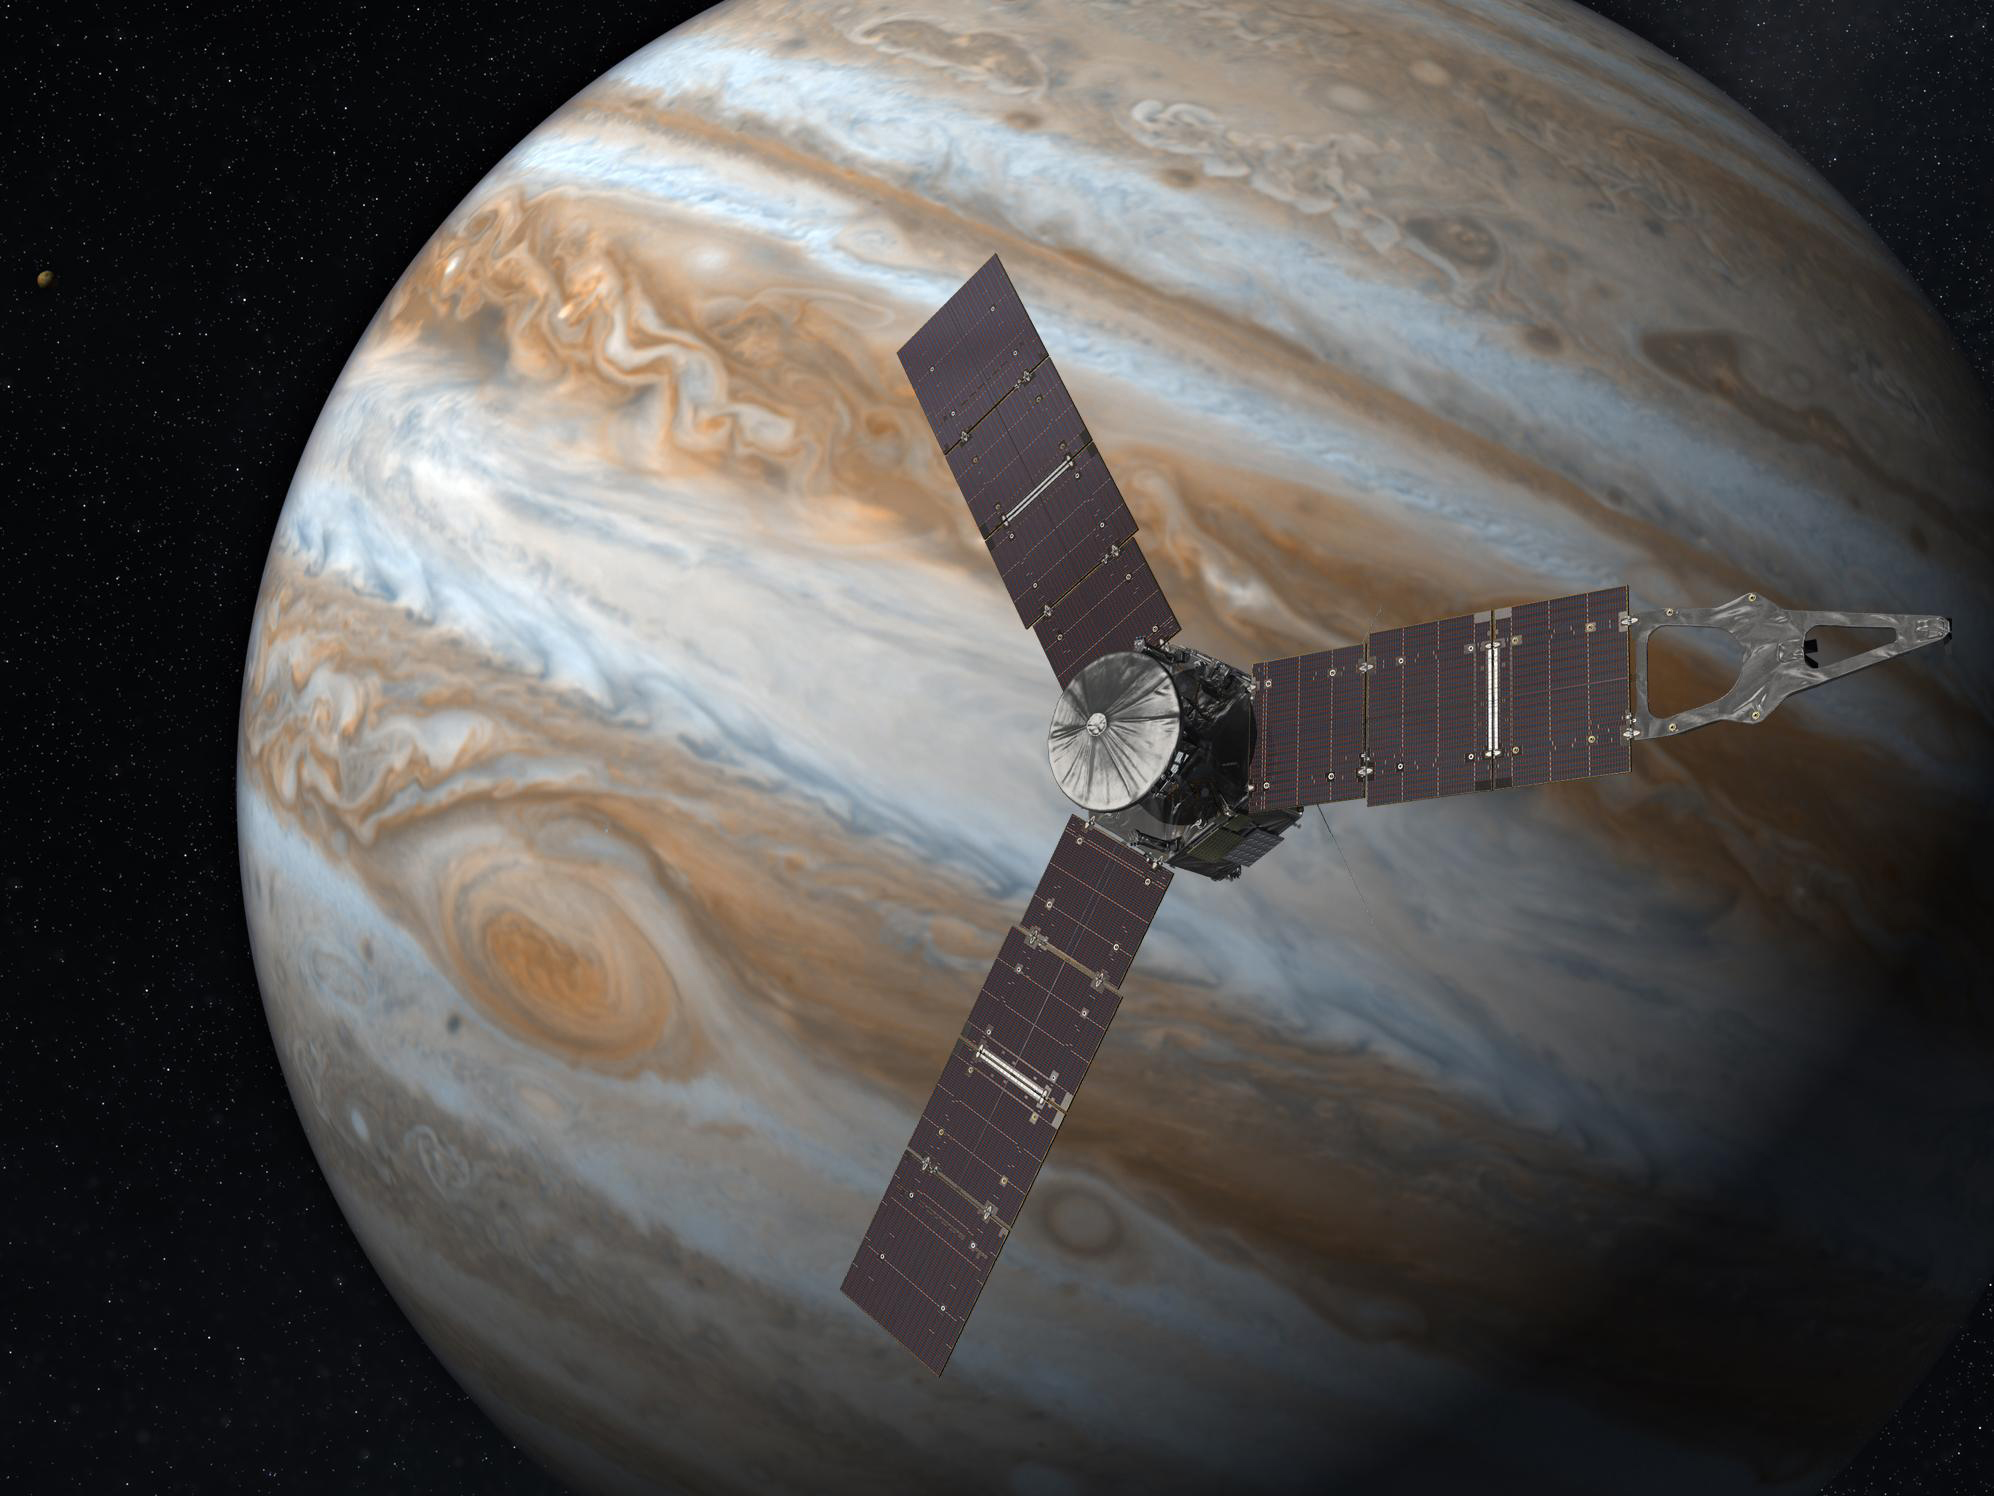 Фото дня: южный полюс Юпитера — штормовое предупреждение